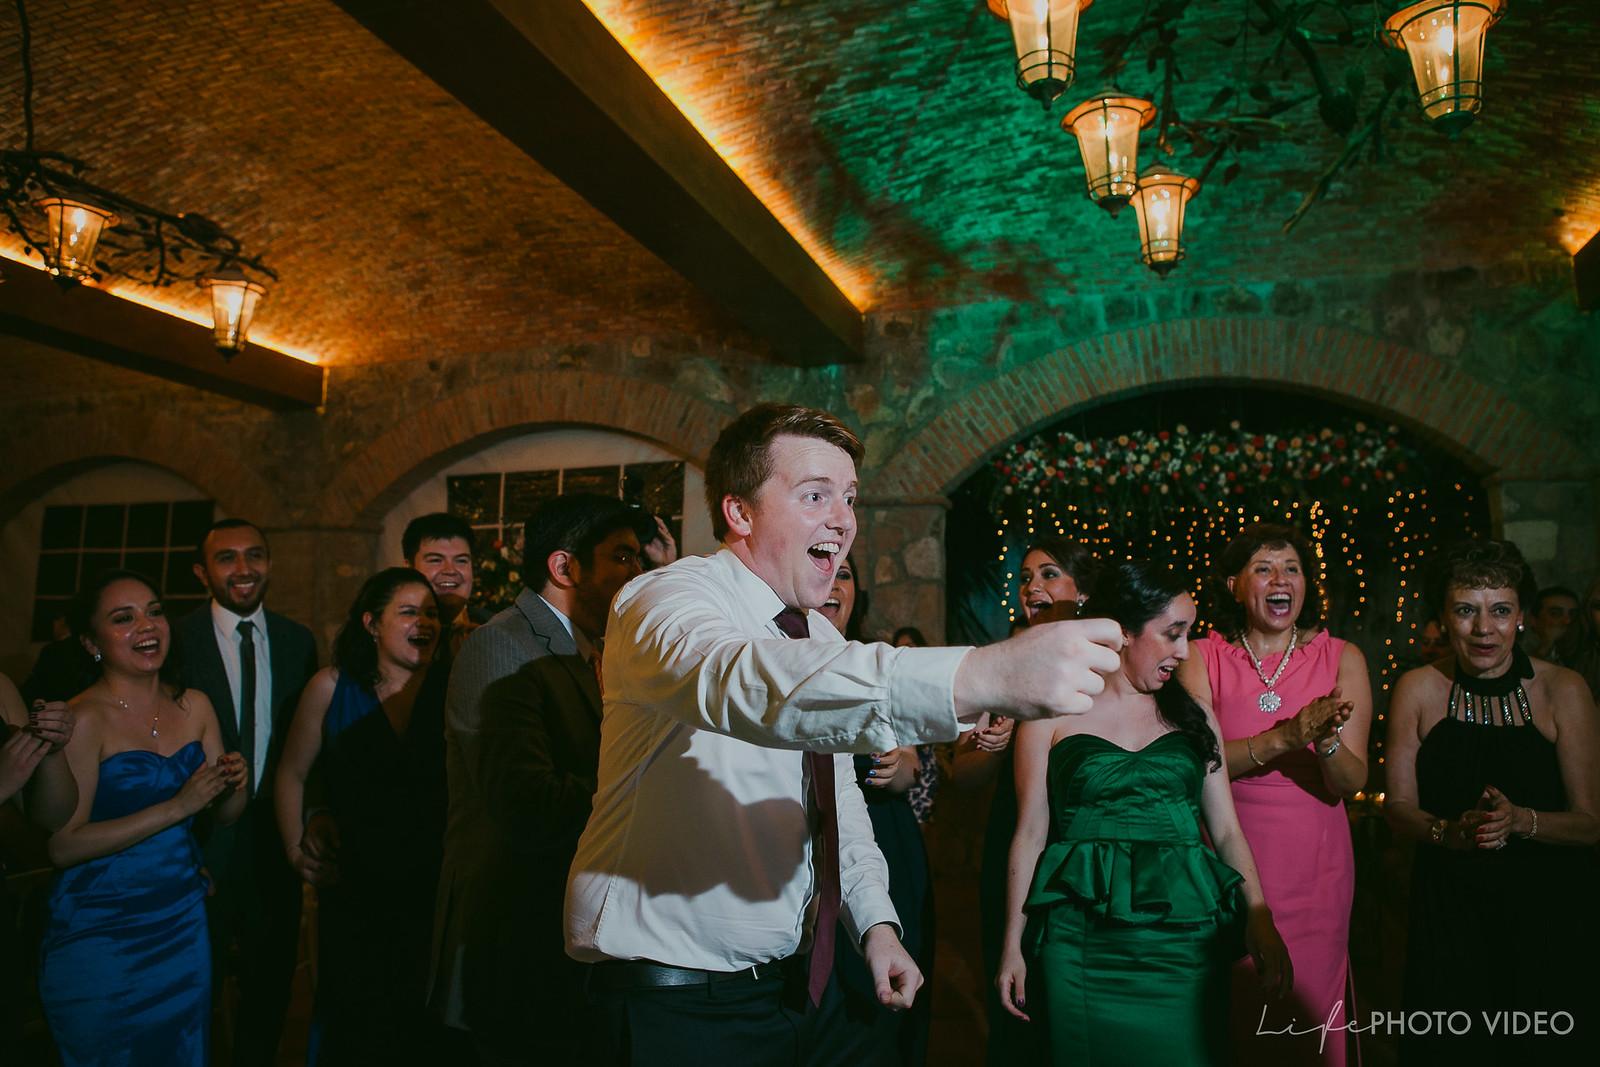 LifePhotoVideo_Boda_LeonGto_Wedding_0012.jpg